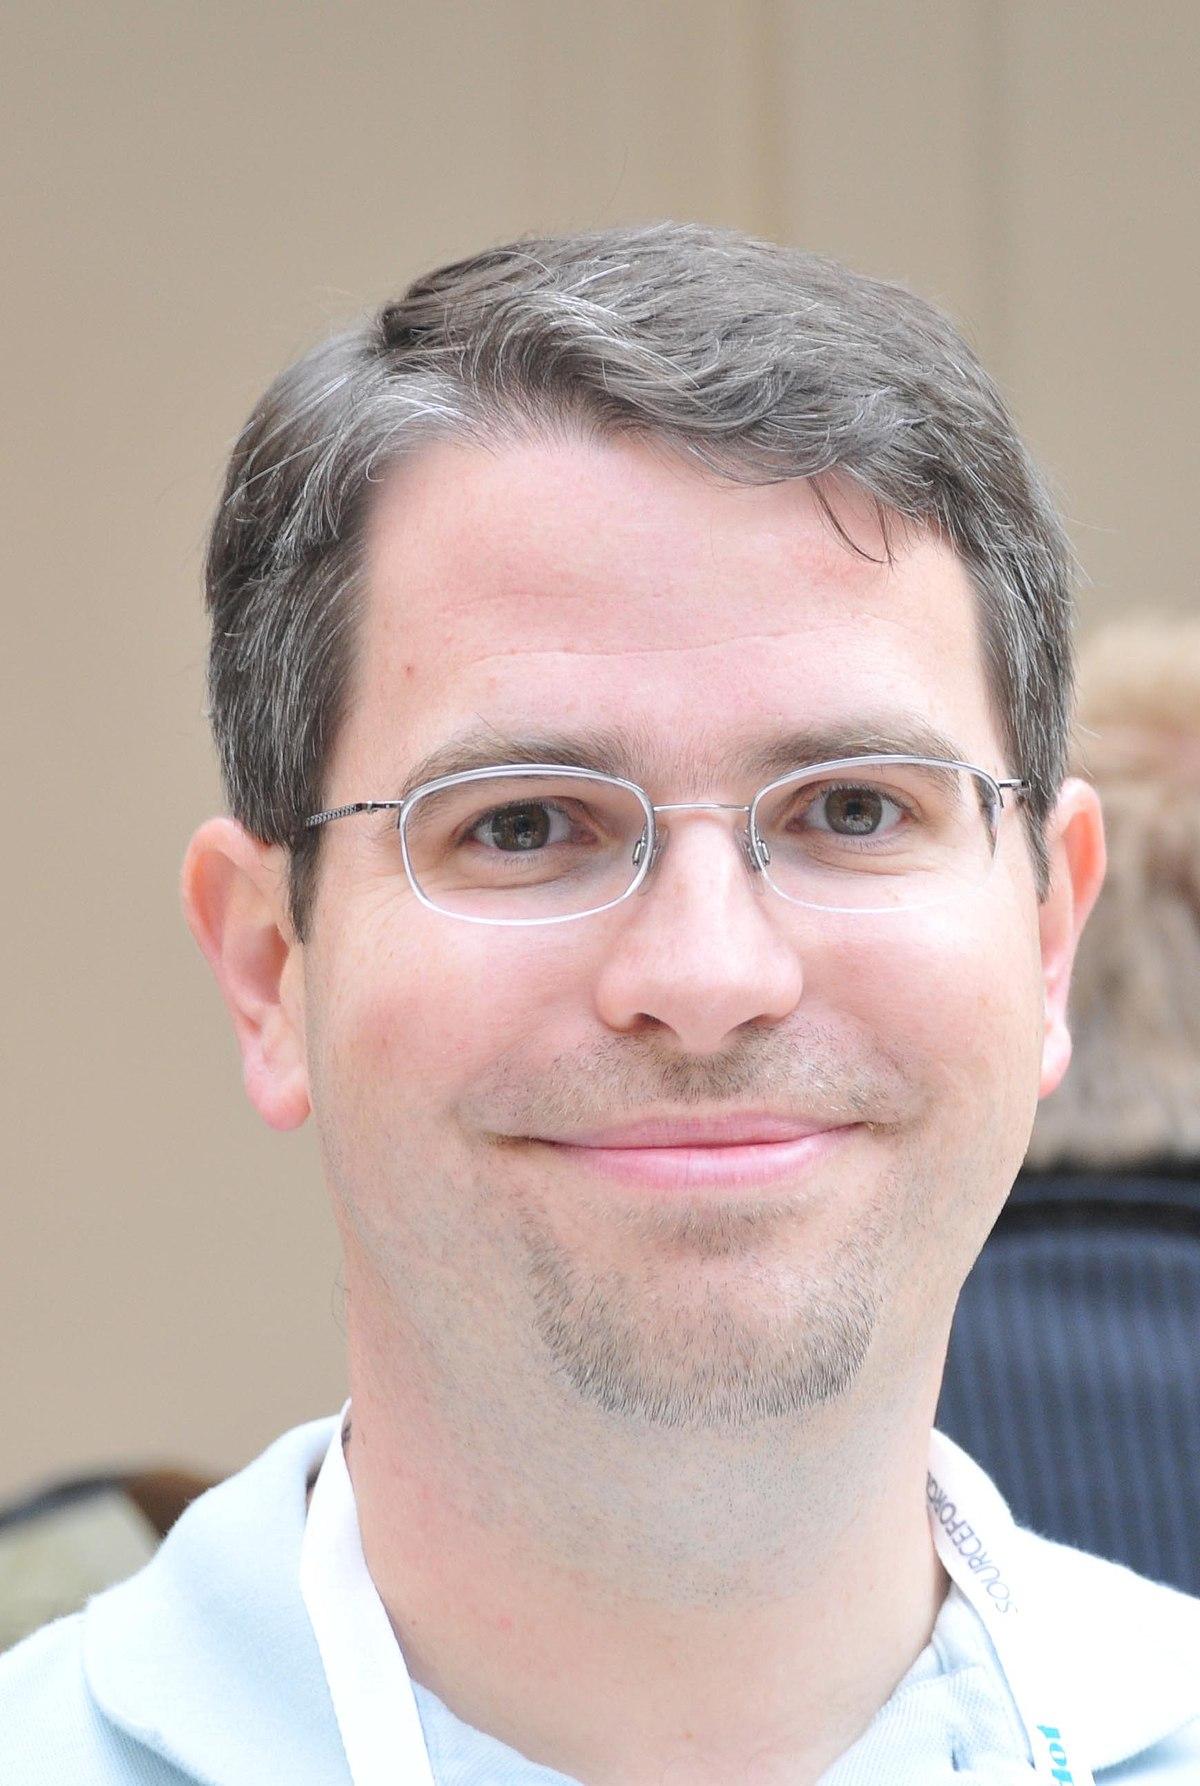 Matt Cutts - Wikipedia